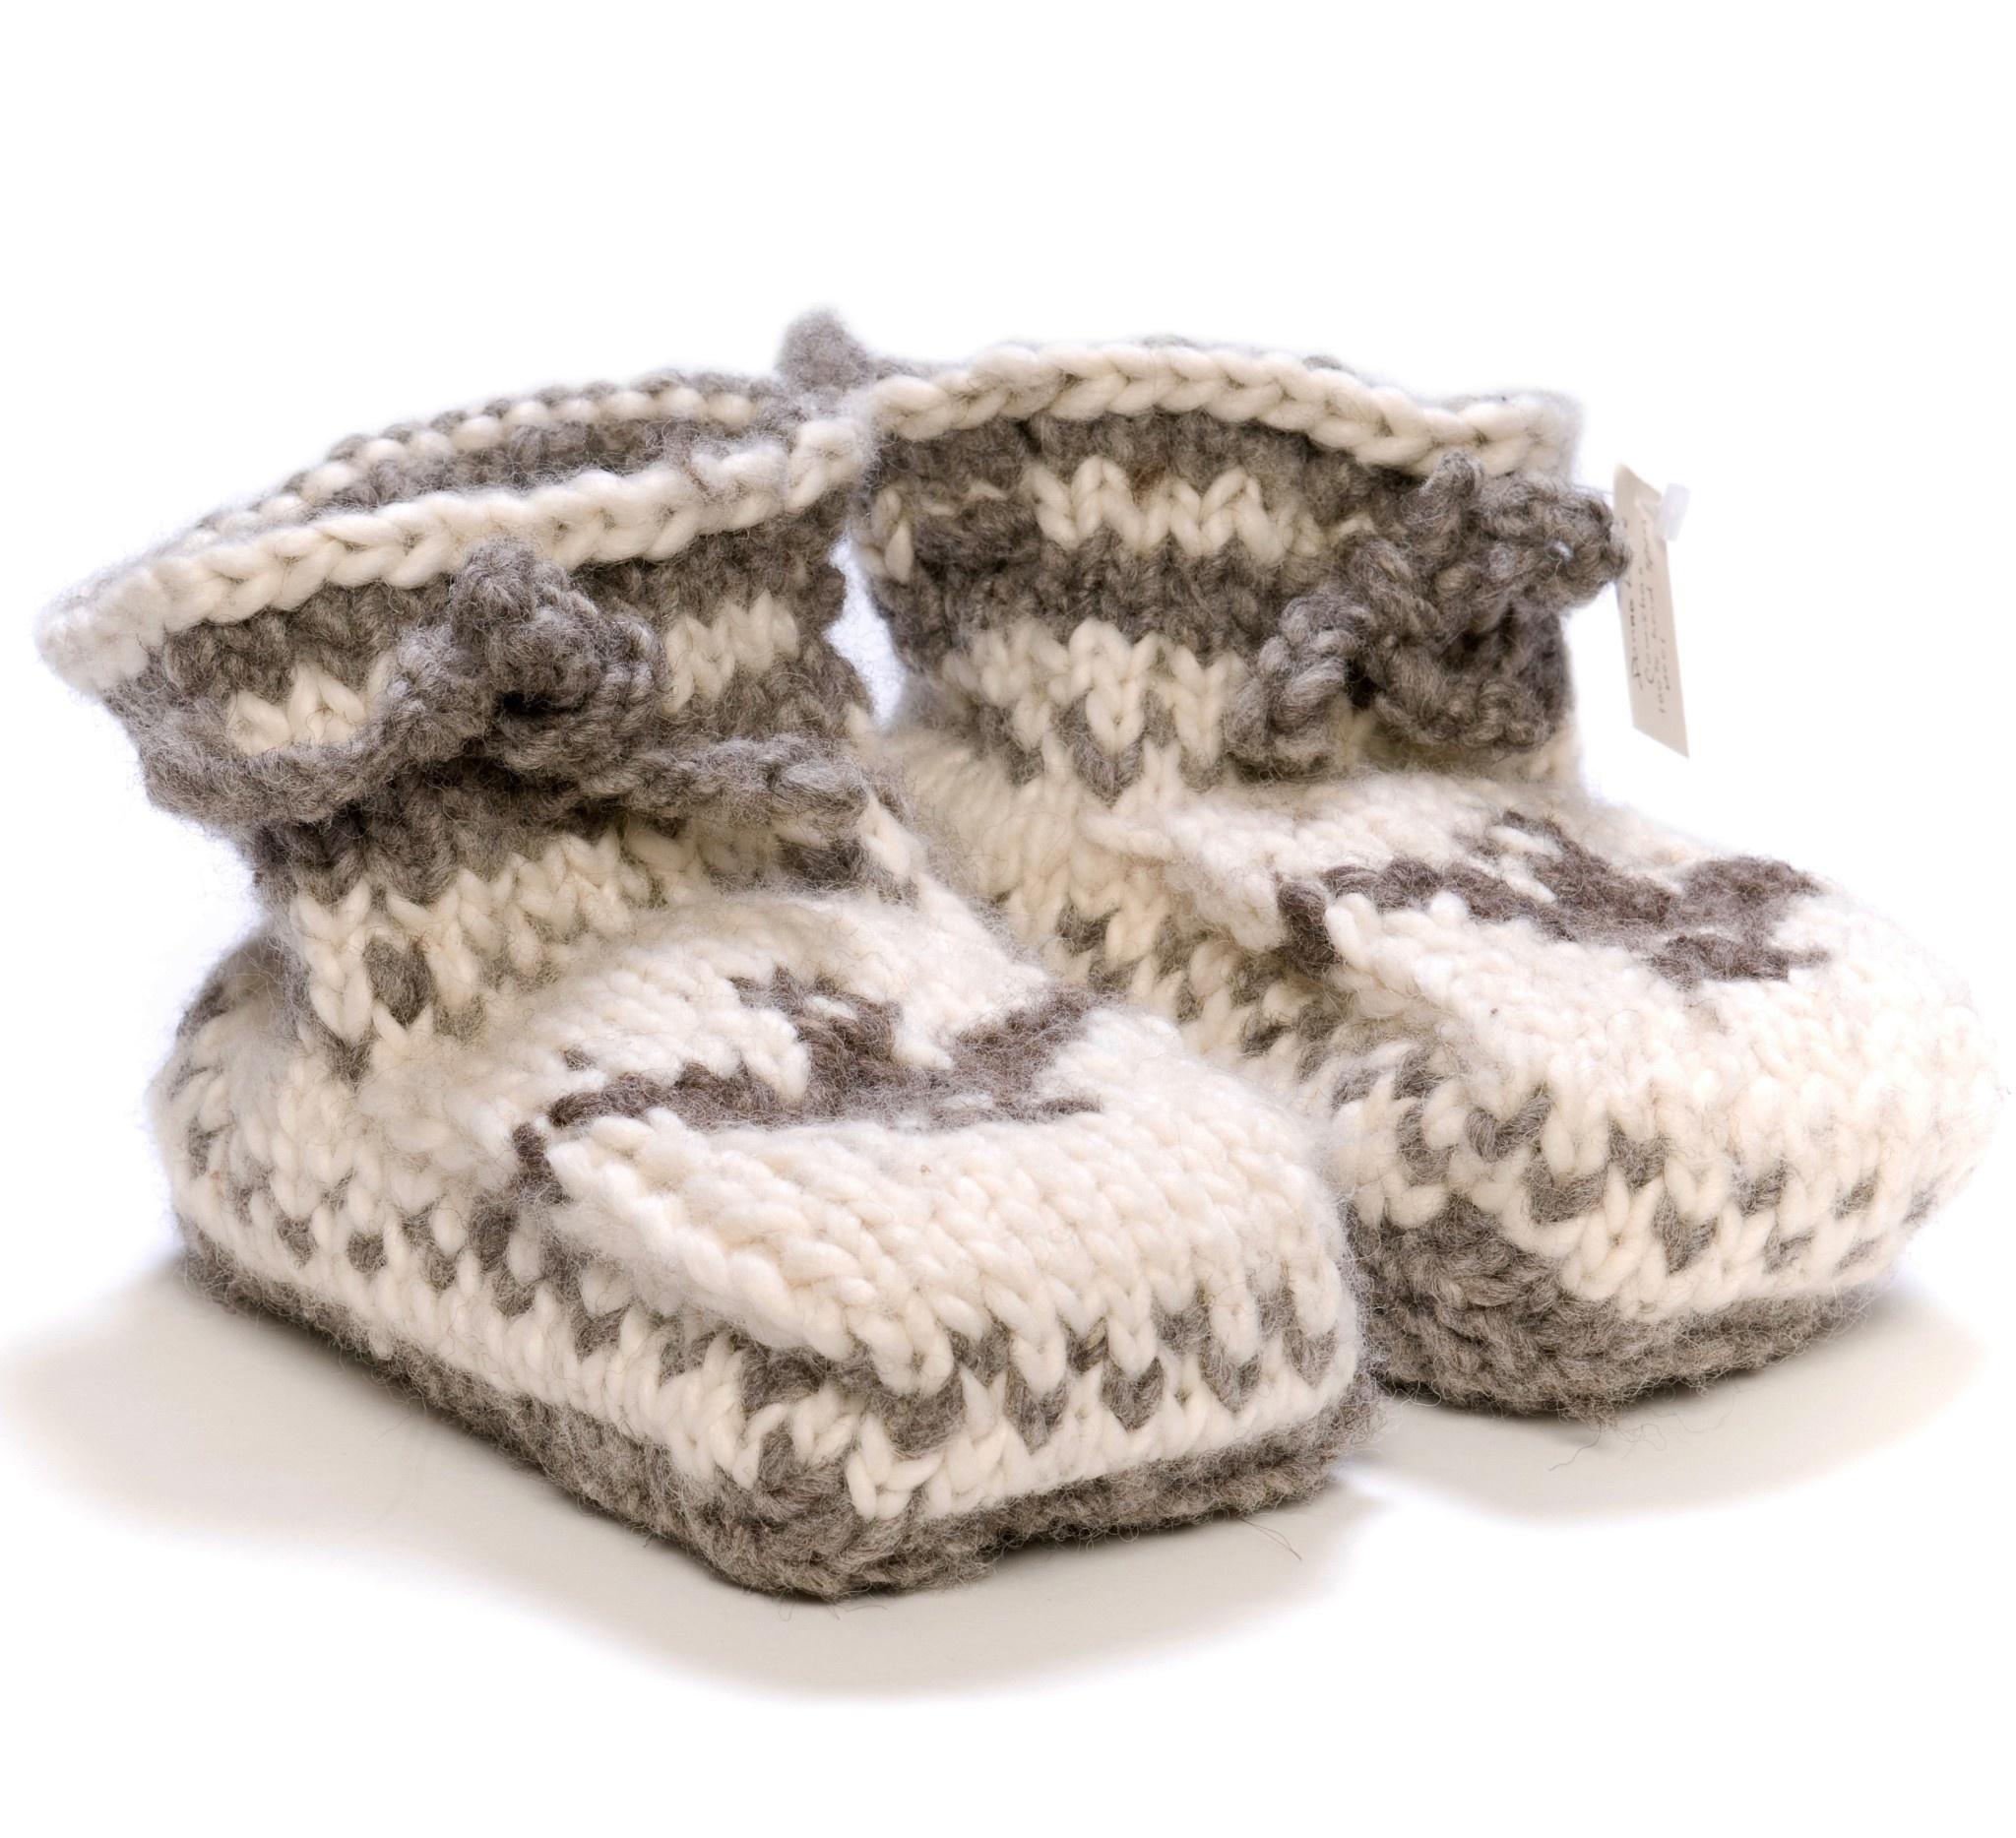 Cowichan Slippers